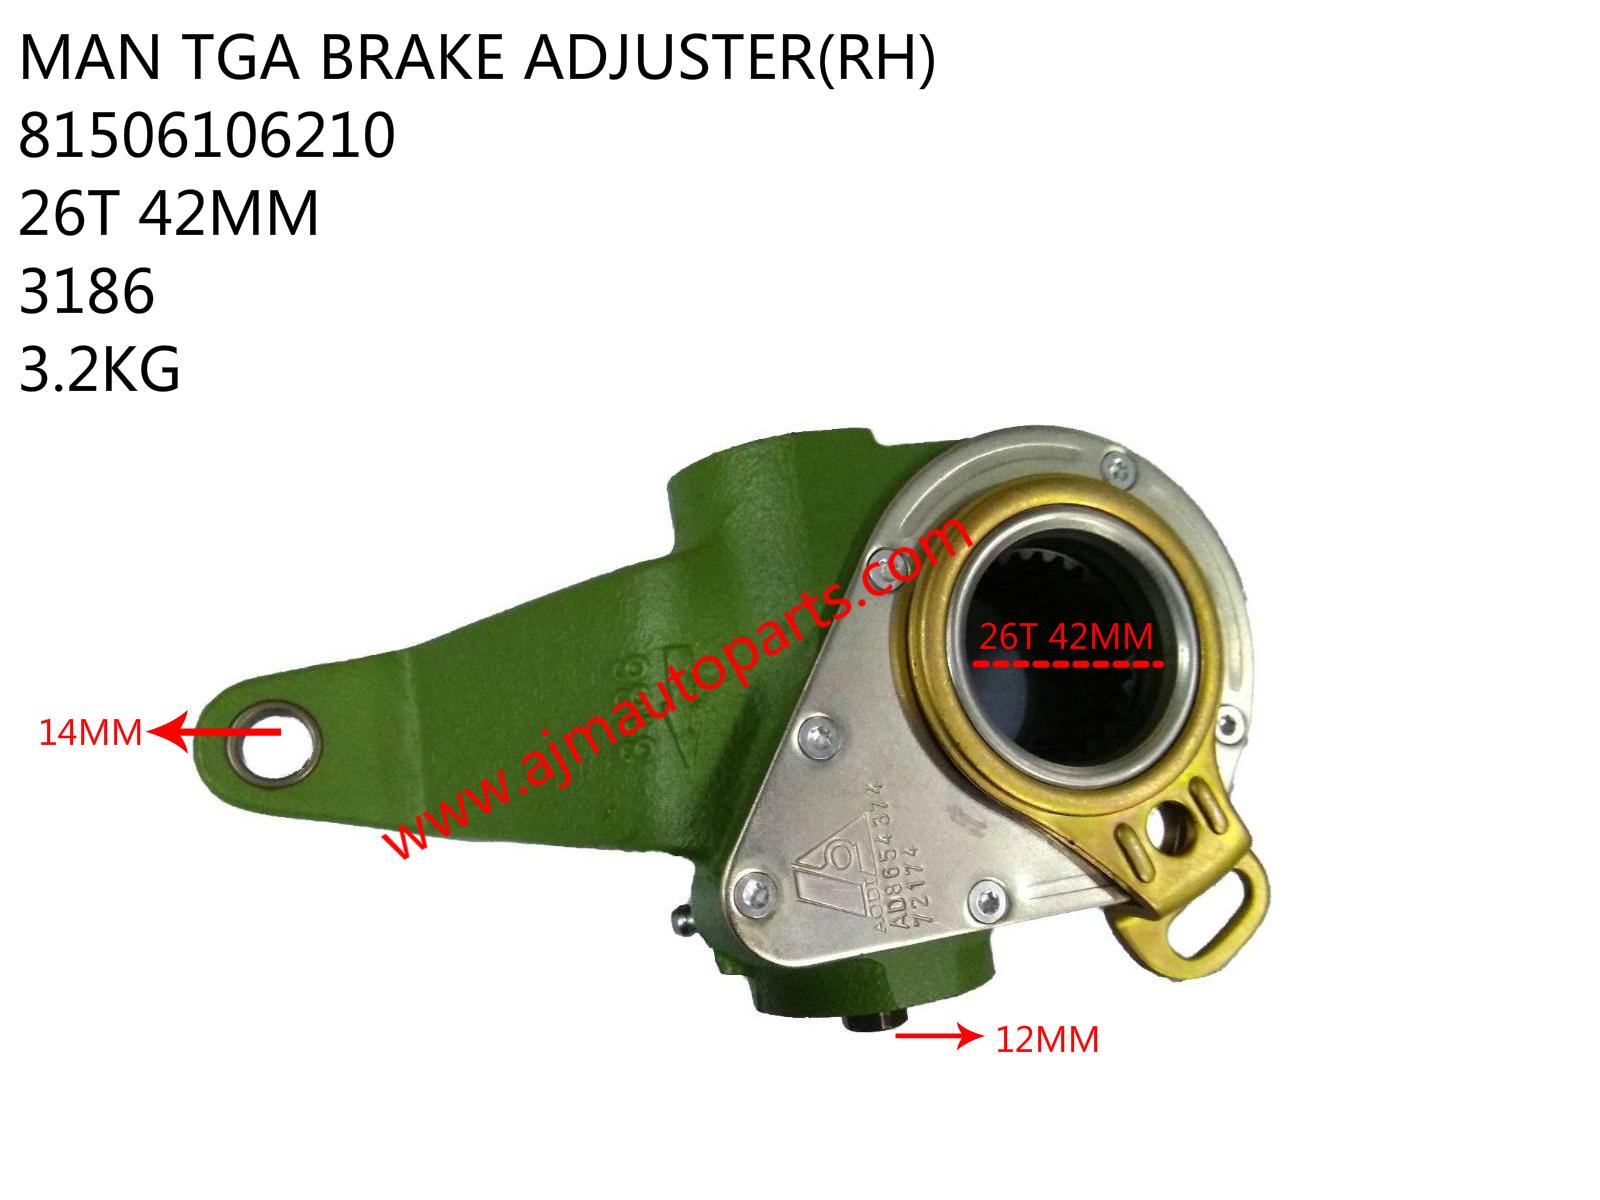 MAN-TGA-BRAKE-ADJUSTERRH-81506106210-3186